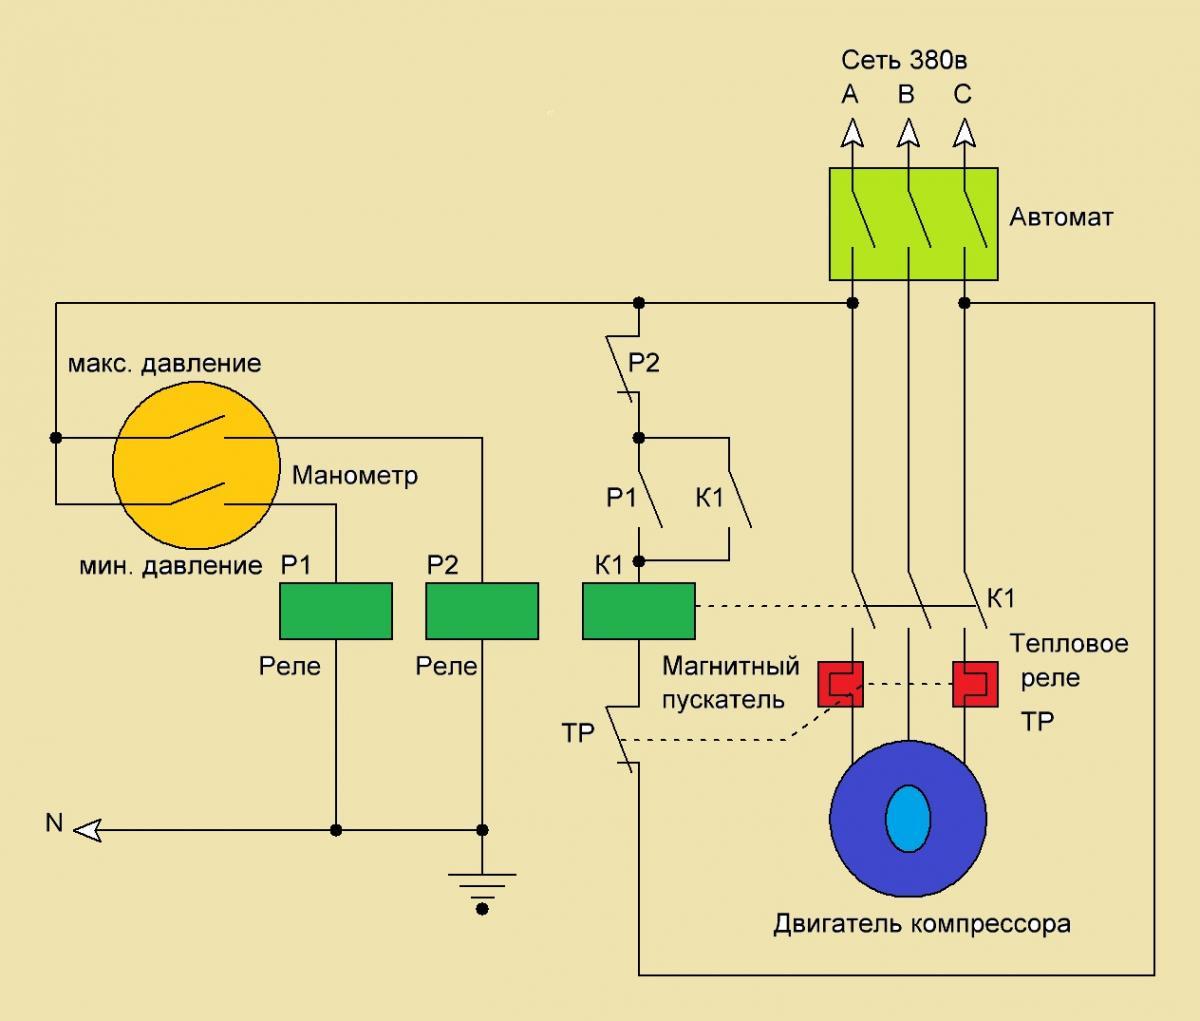 марку термобелья сгу компрессора принцип работы если